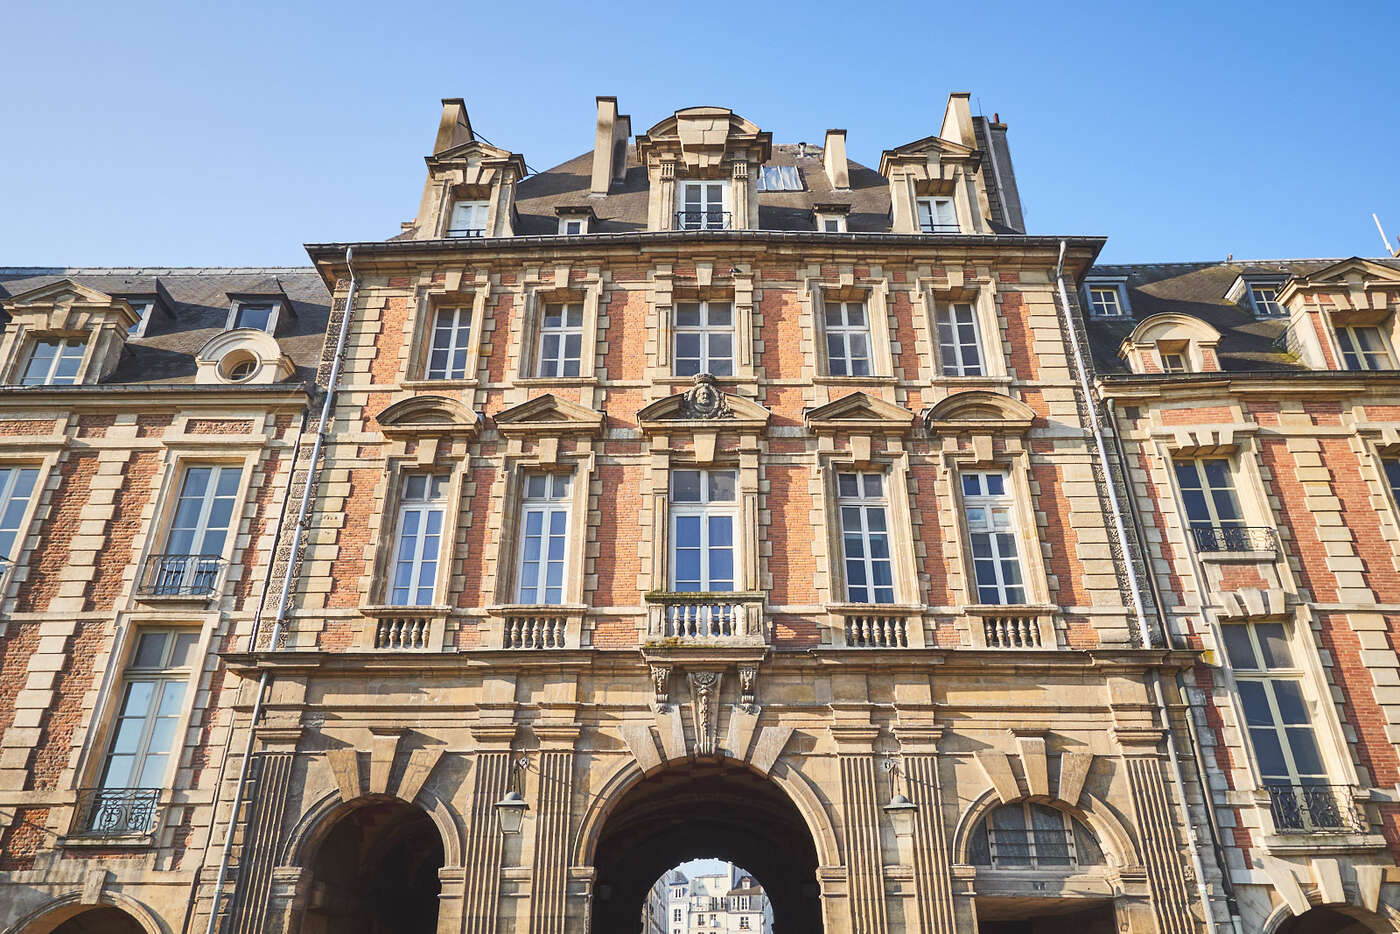 Pavillon du roi, Place des Vosges